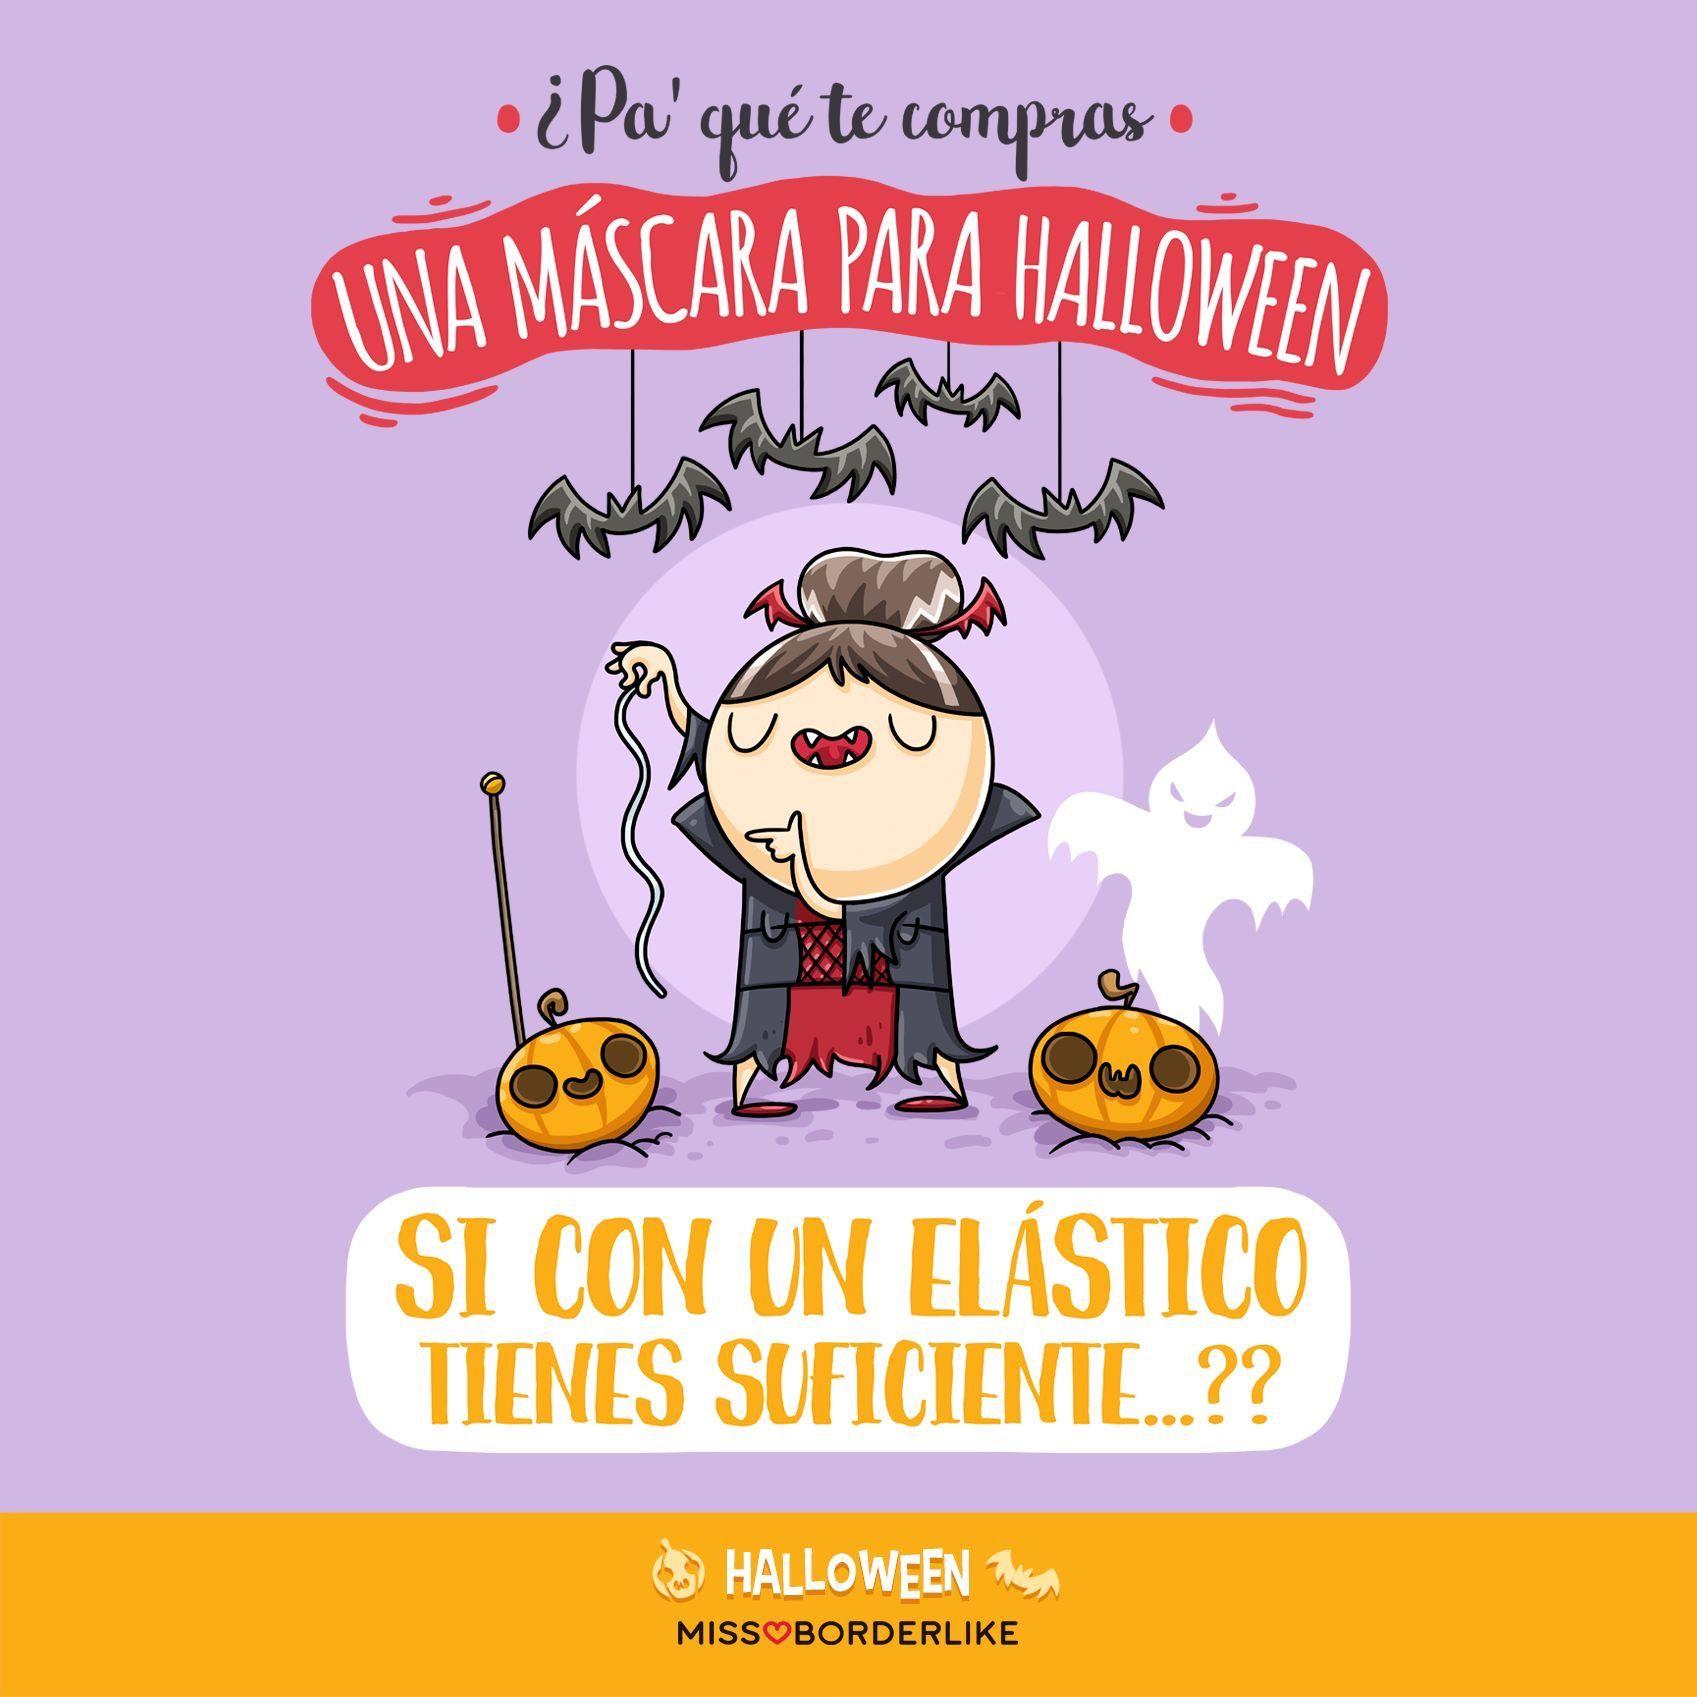 Pa Qué Te Compras Una Máscara Para Halloween Si Con Un